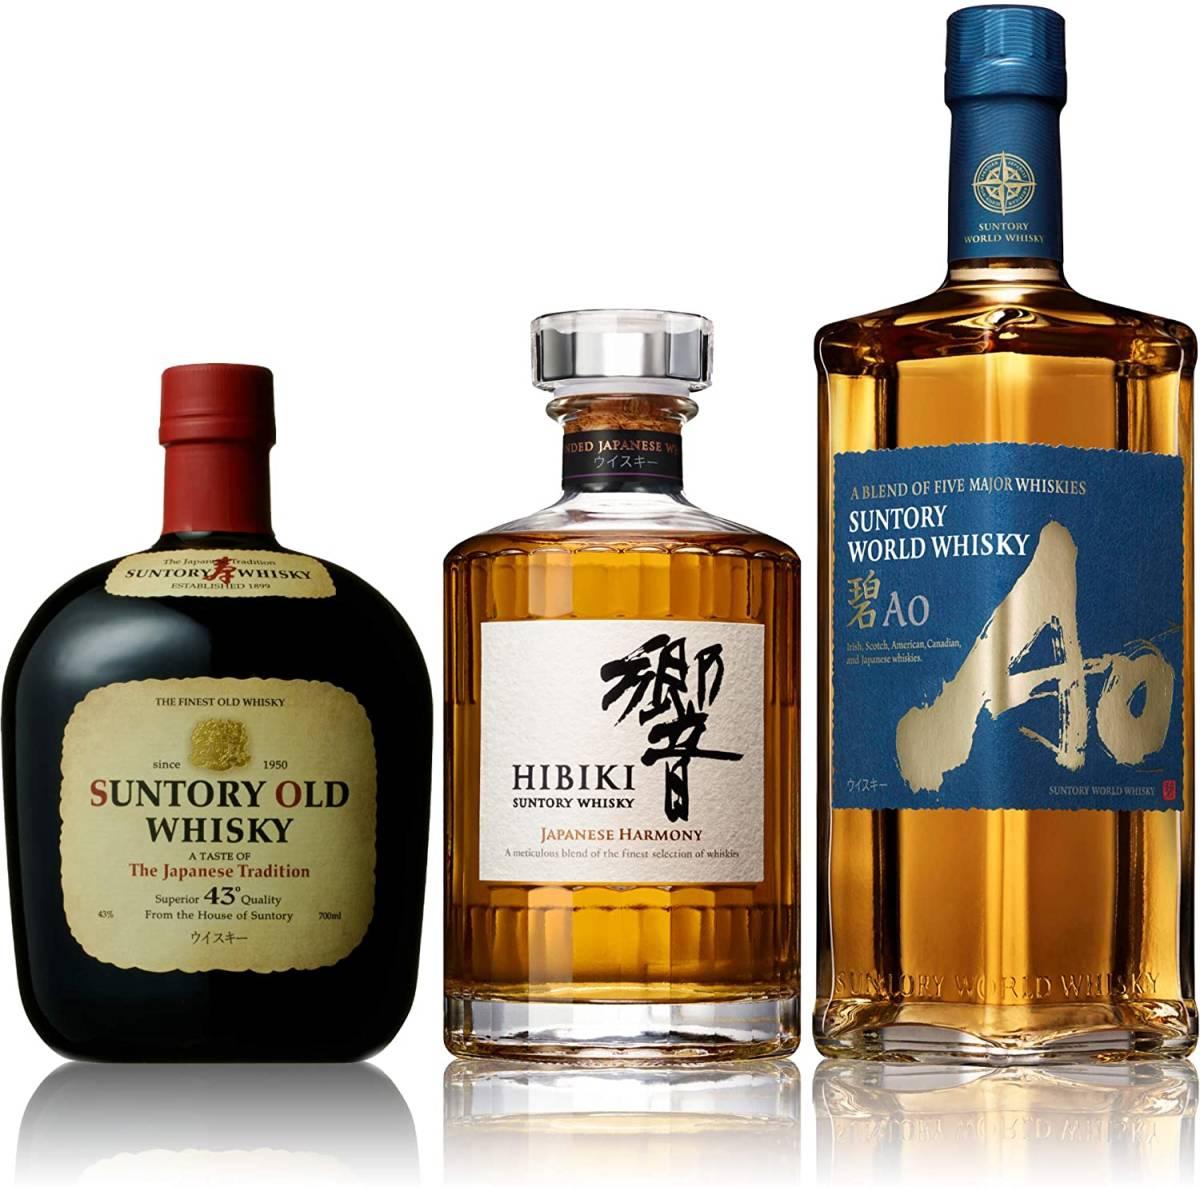 送料無料【国産ブレンデッドウイスキー飲み比べセット】響JAPANESE HARMONY、碧AO、オールド [ ウイスキー 日本 700ml×3本 ]